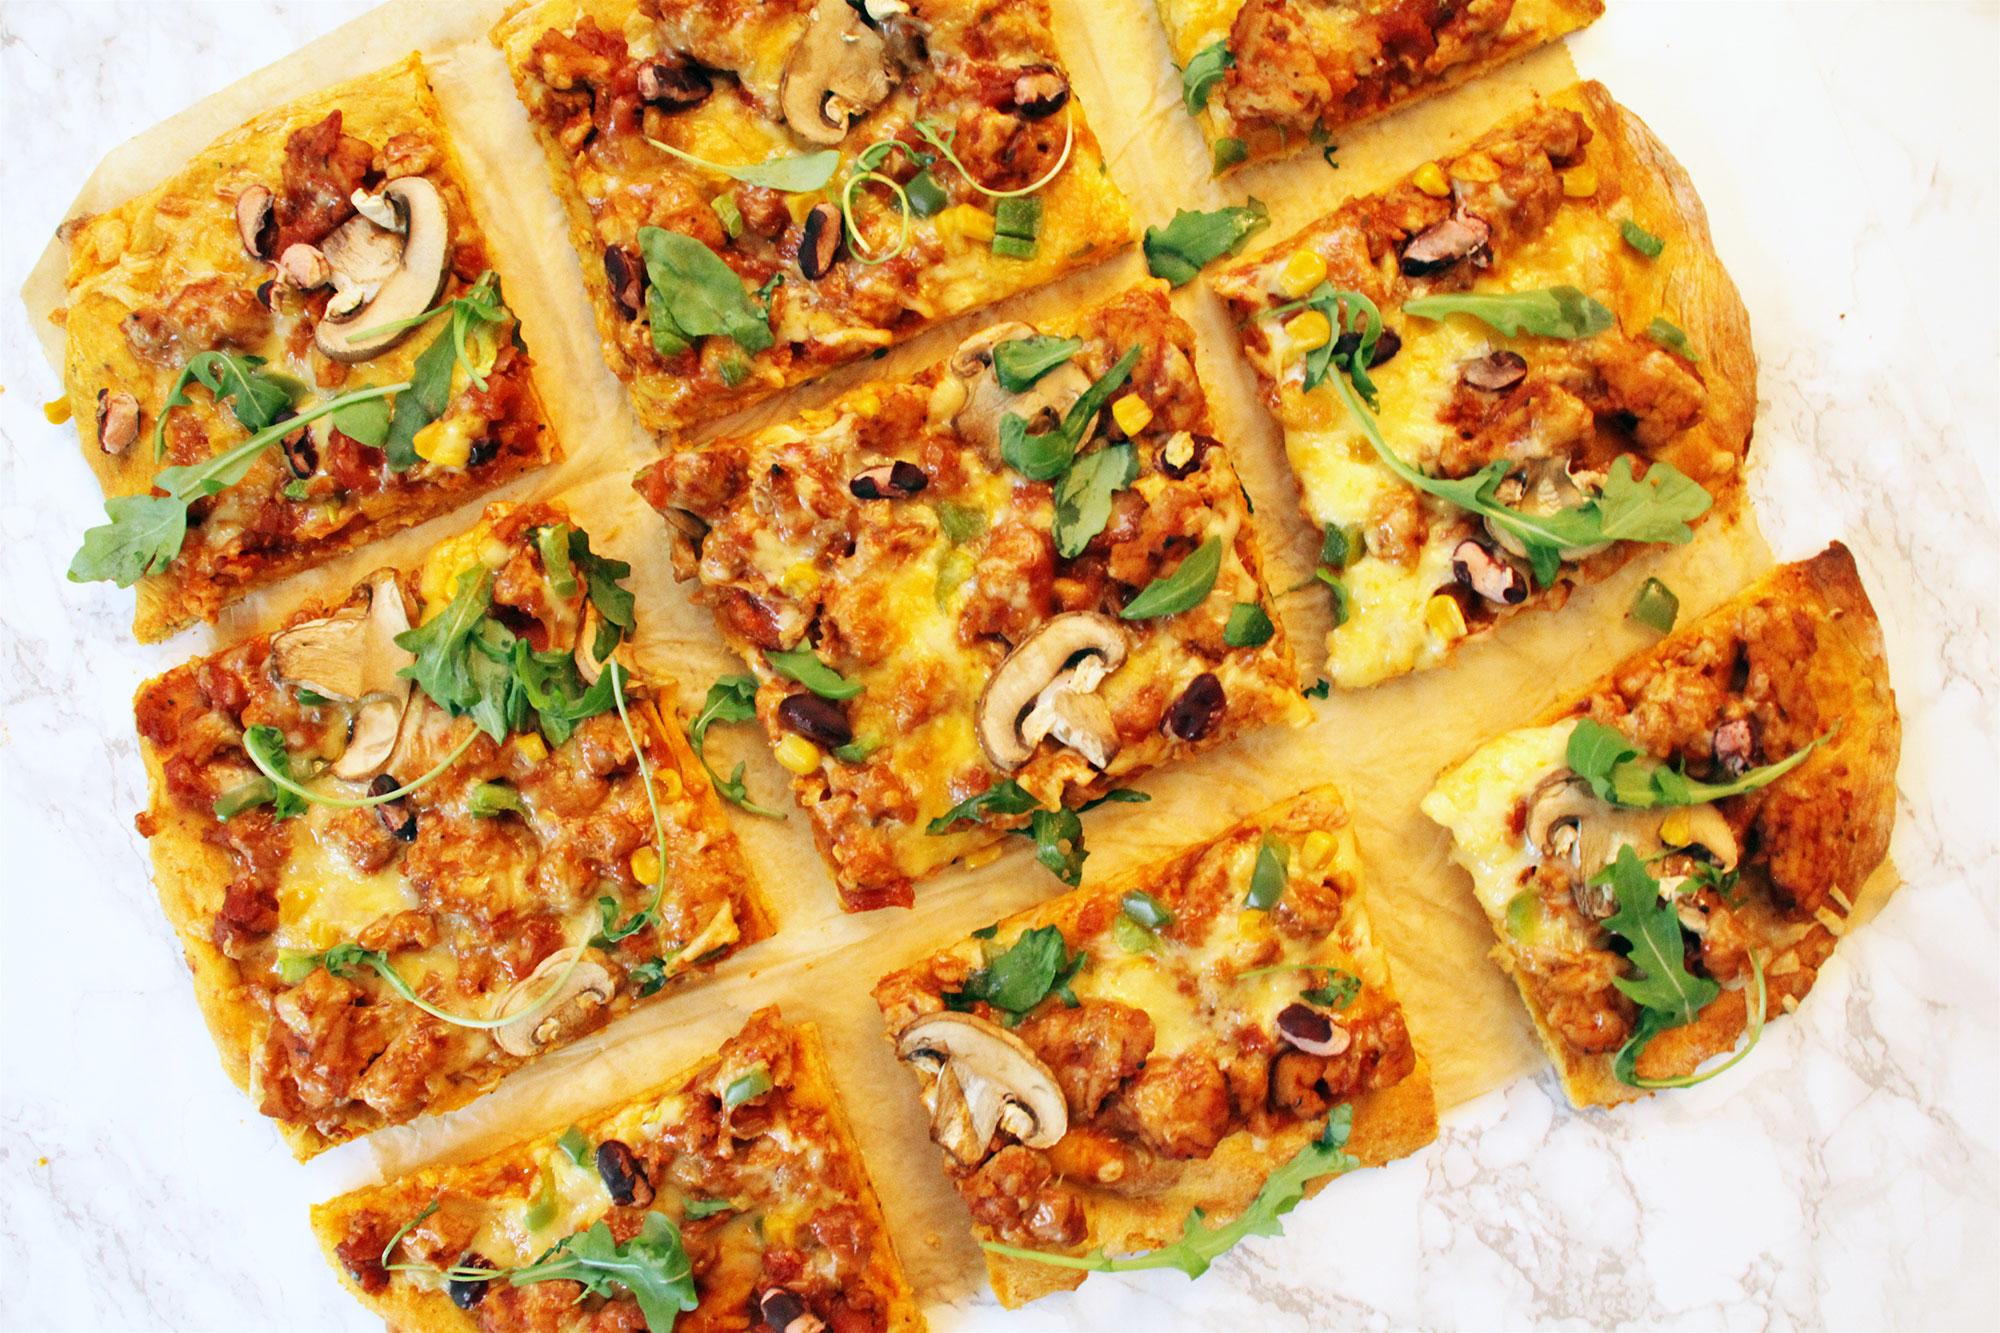 Kuva: Valmiiksi paistettu bataattipizza, jossa sieniä ja juustoa.